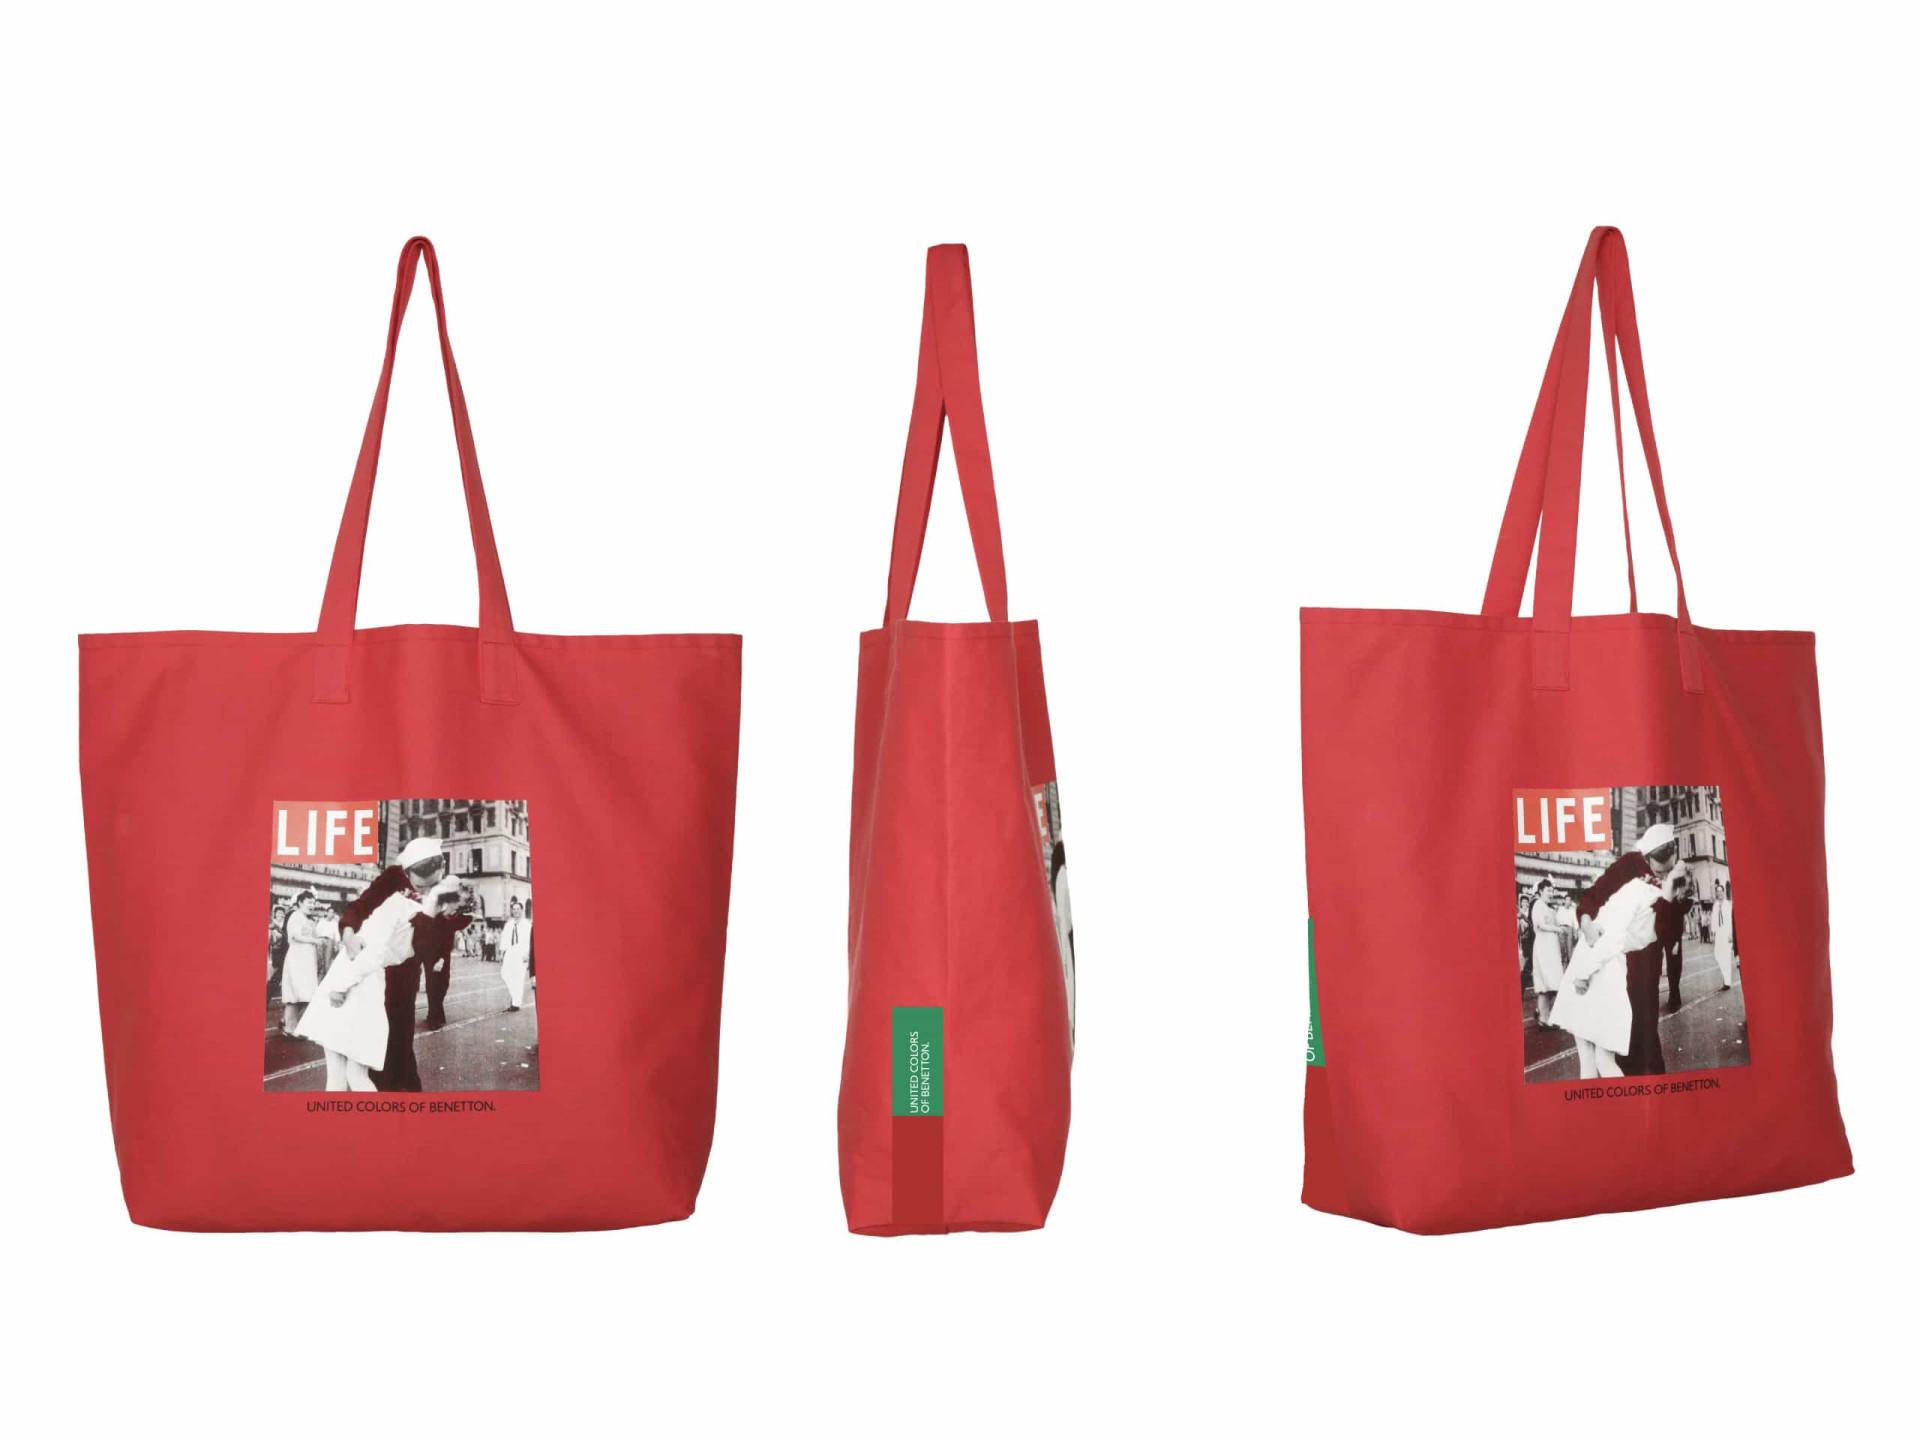 Nova coleção da Benetton é uma homenagem à icónica revista Life